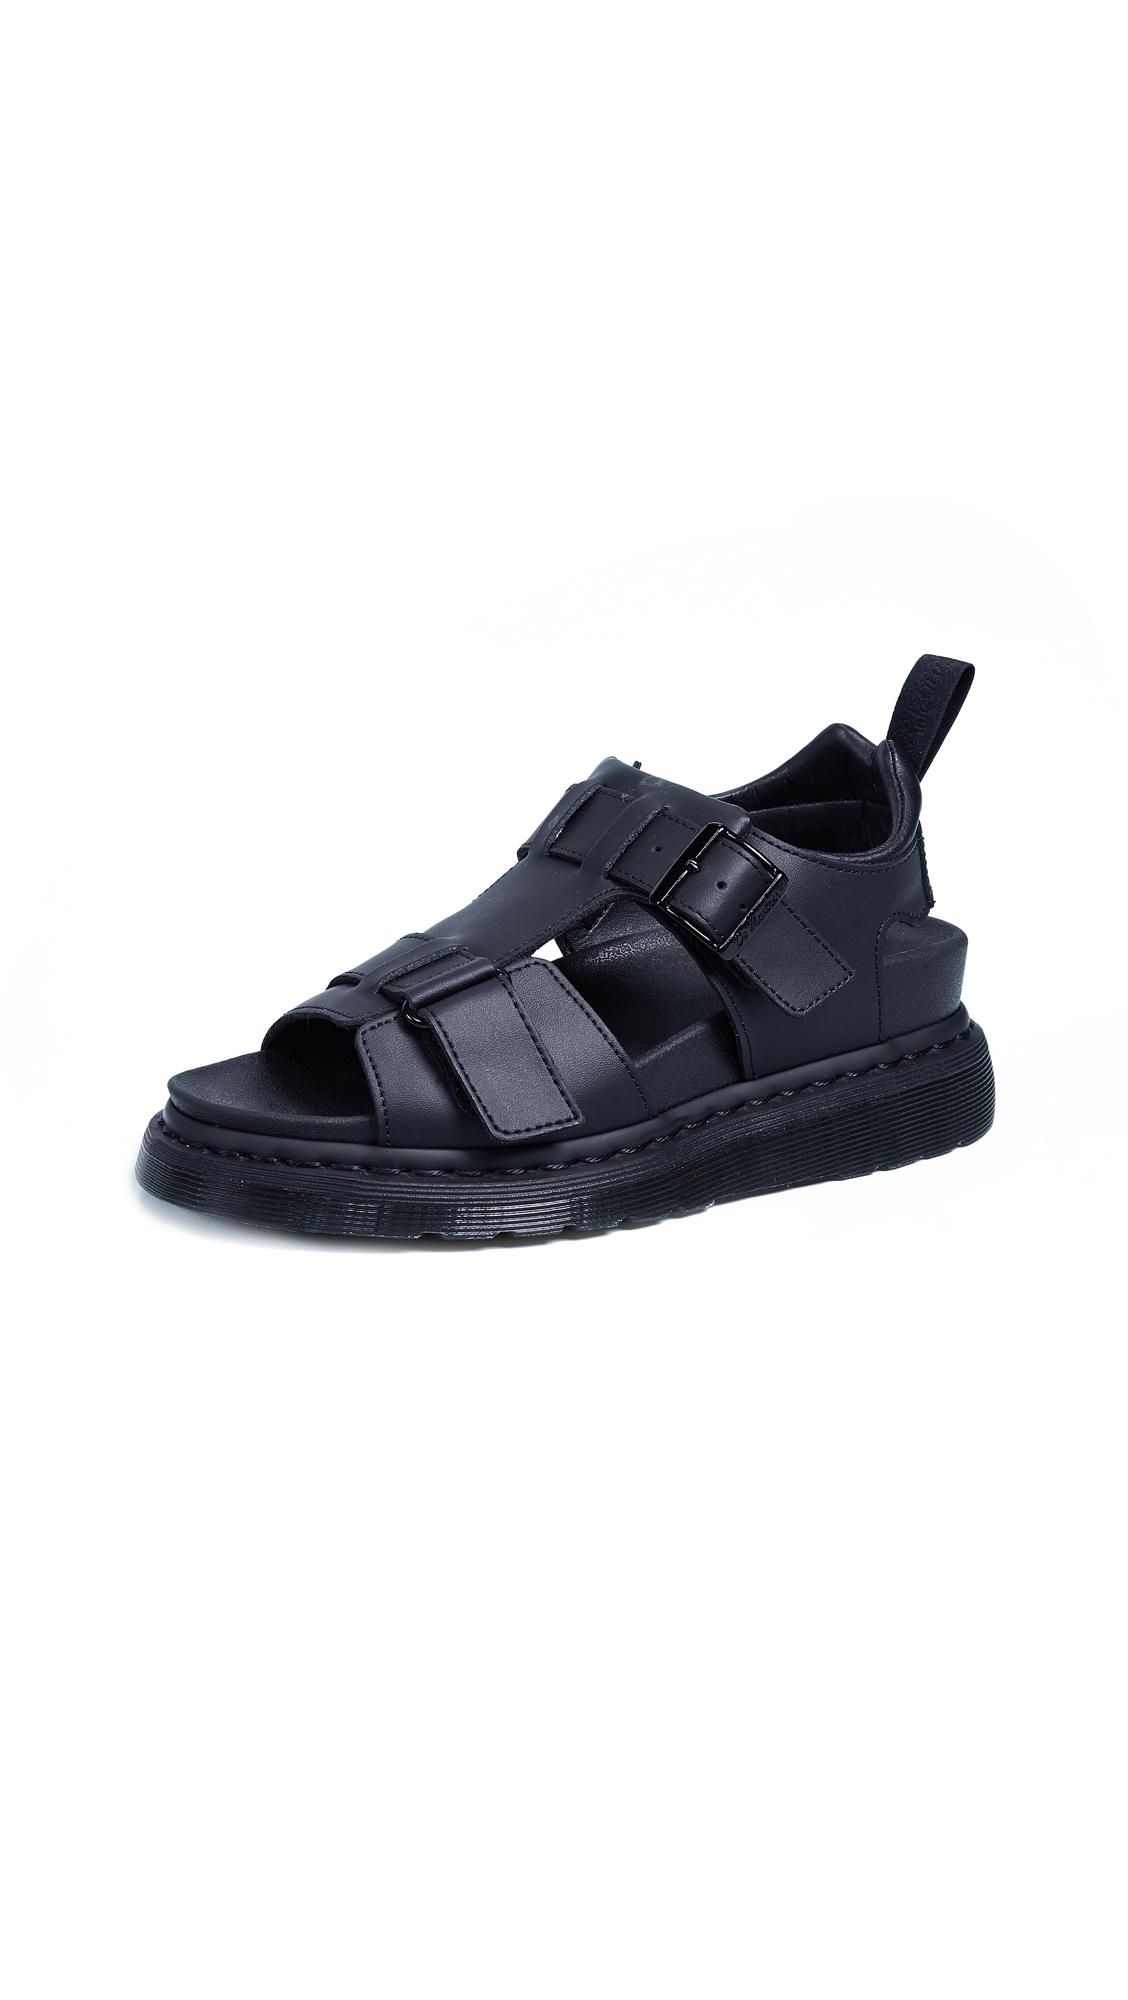 Dr. Martens Kamilah Adjustable 2 Strap Sandals - Black